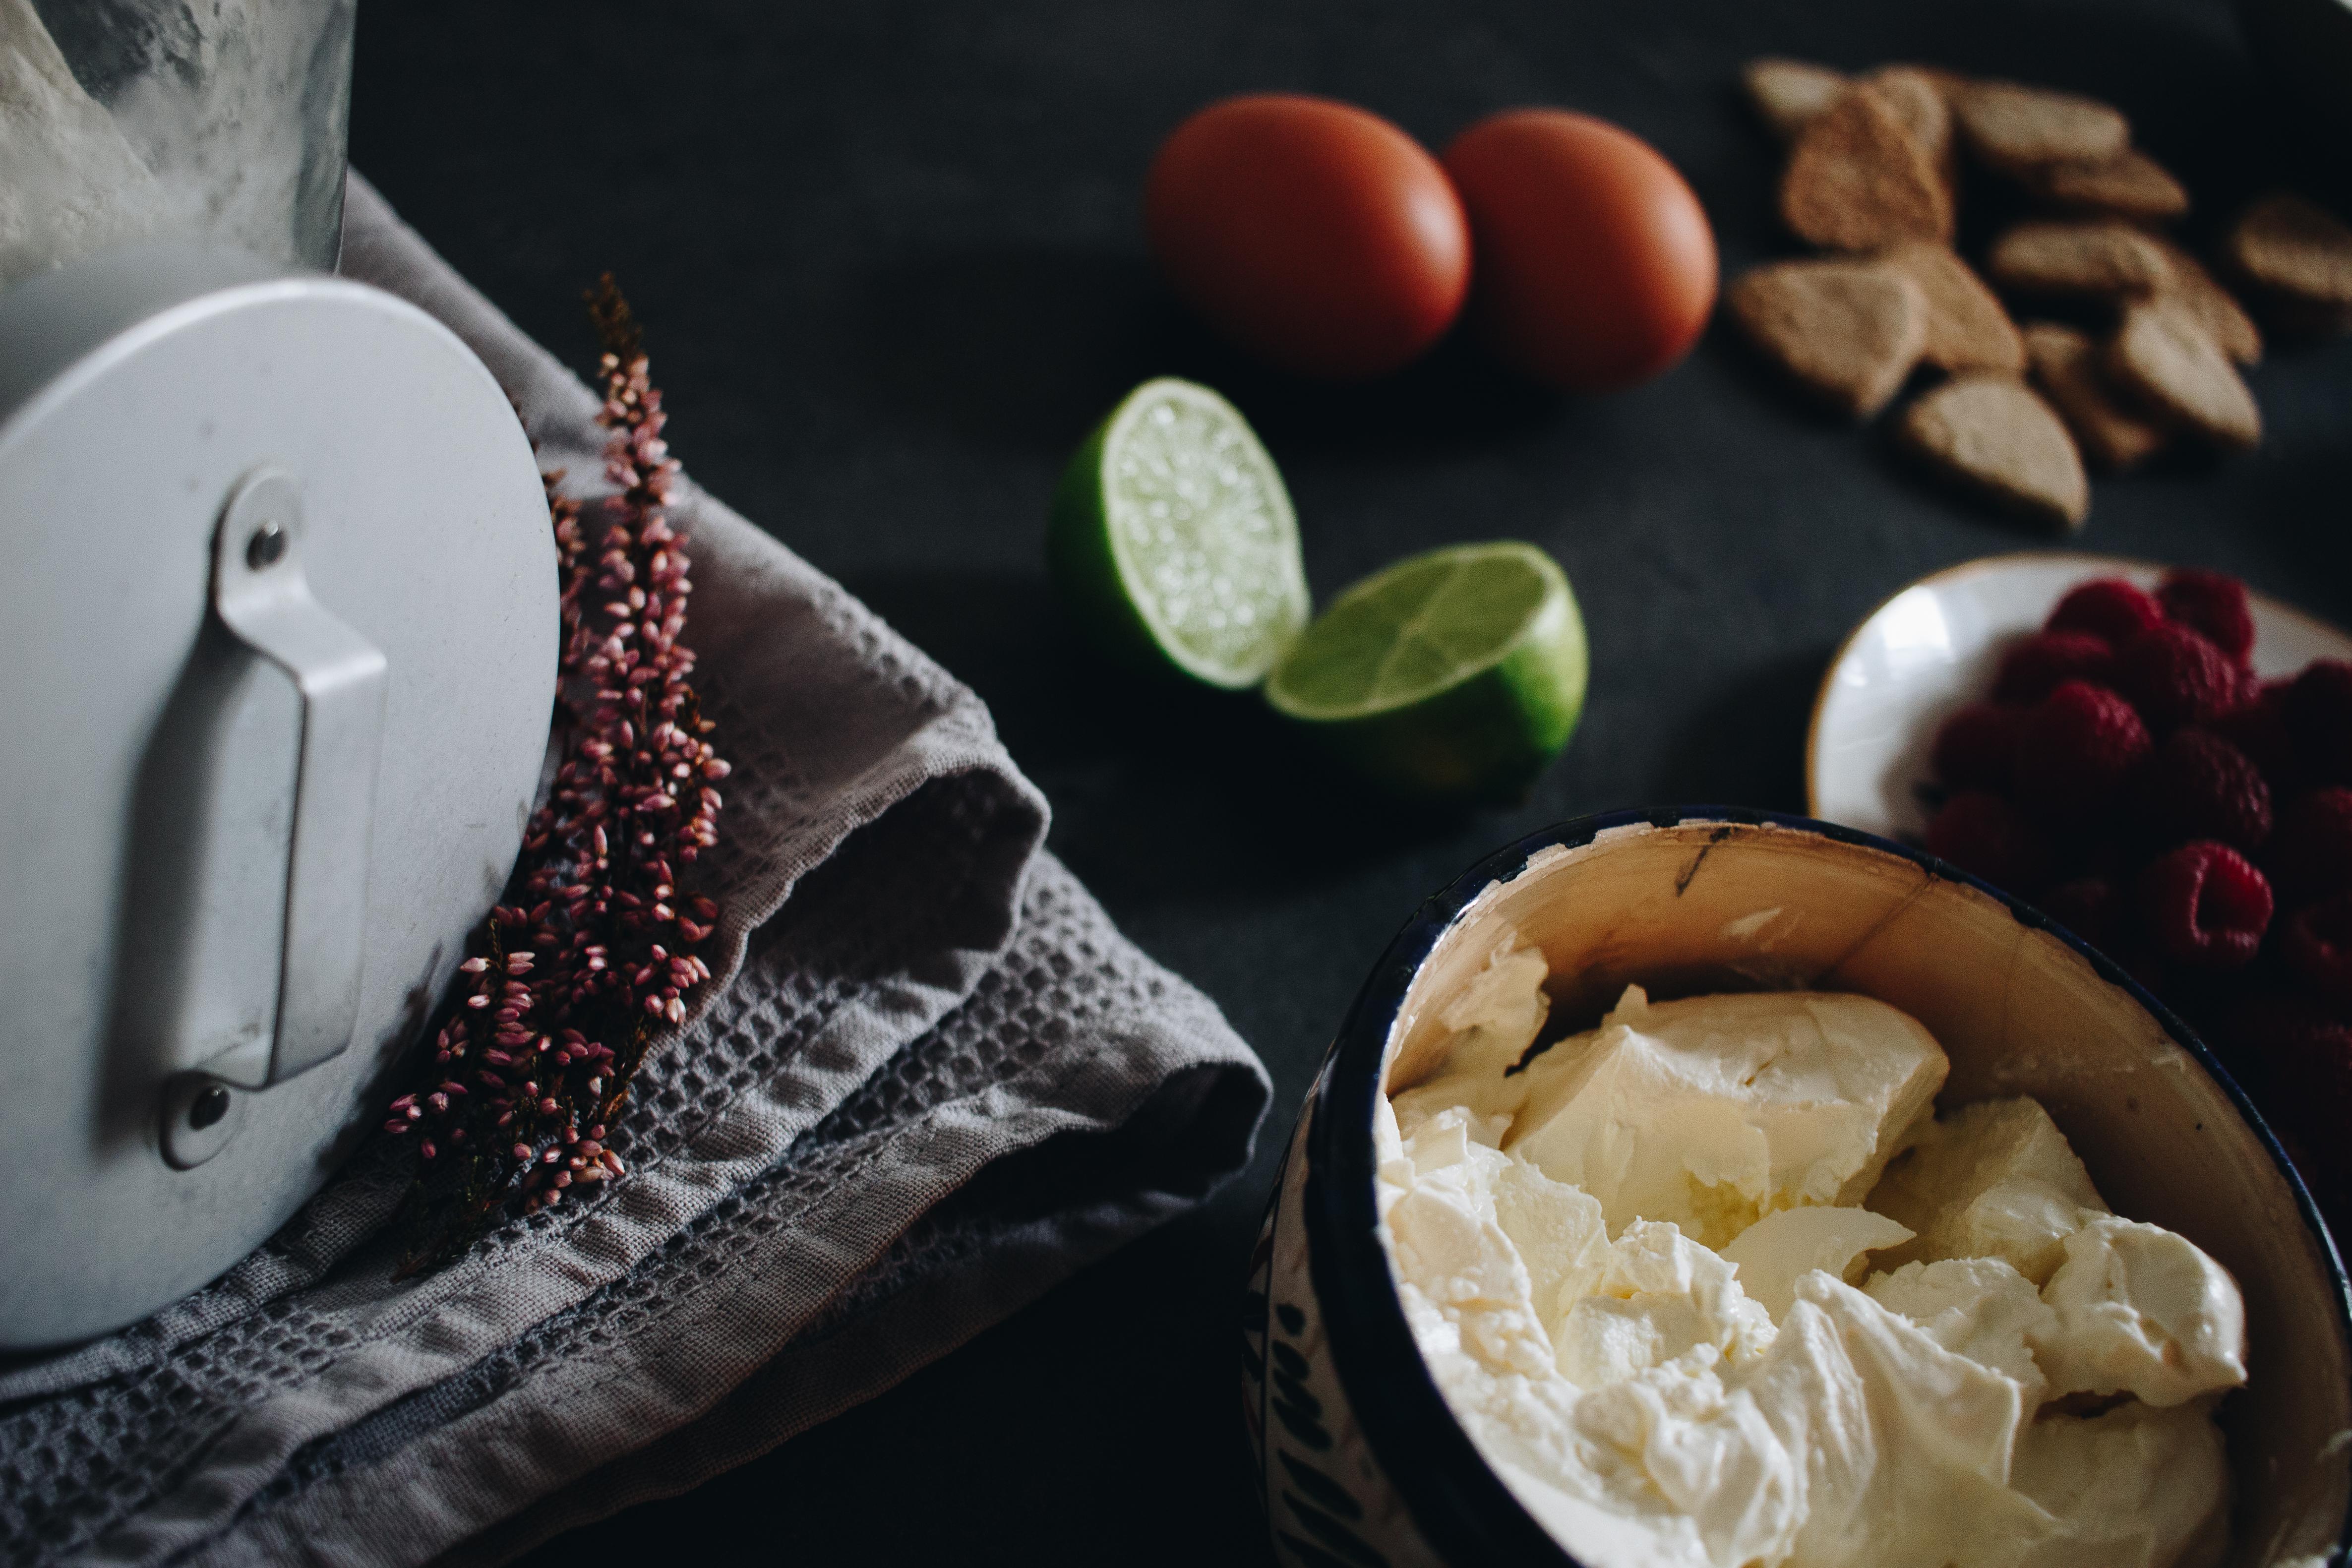 new years cheesecake-käsekuchen-rezept-annabelle sagt-leipzig1